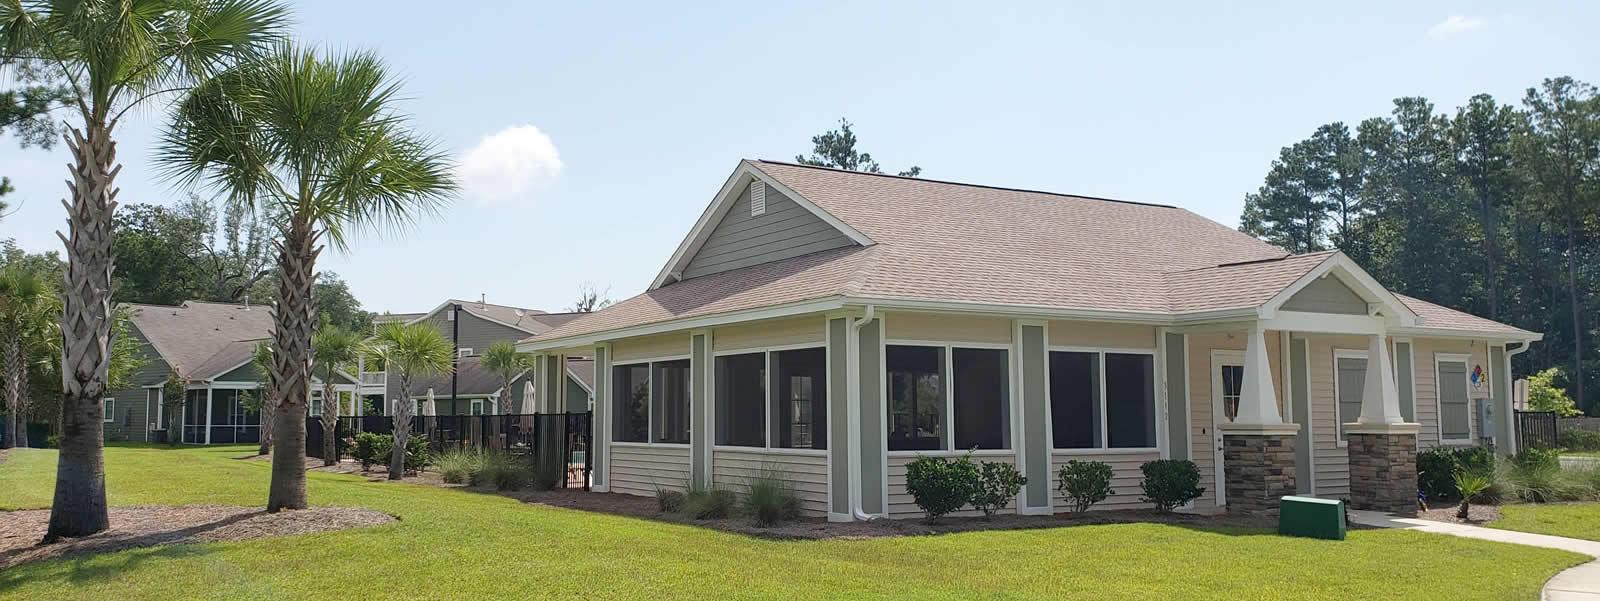 Boltons Landing Homes For Sale - 3143 Moonlight, Charleston, SC - 37